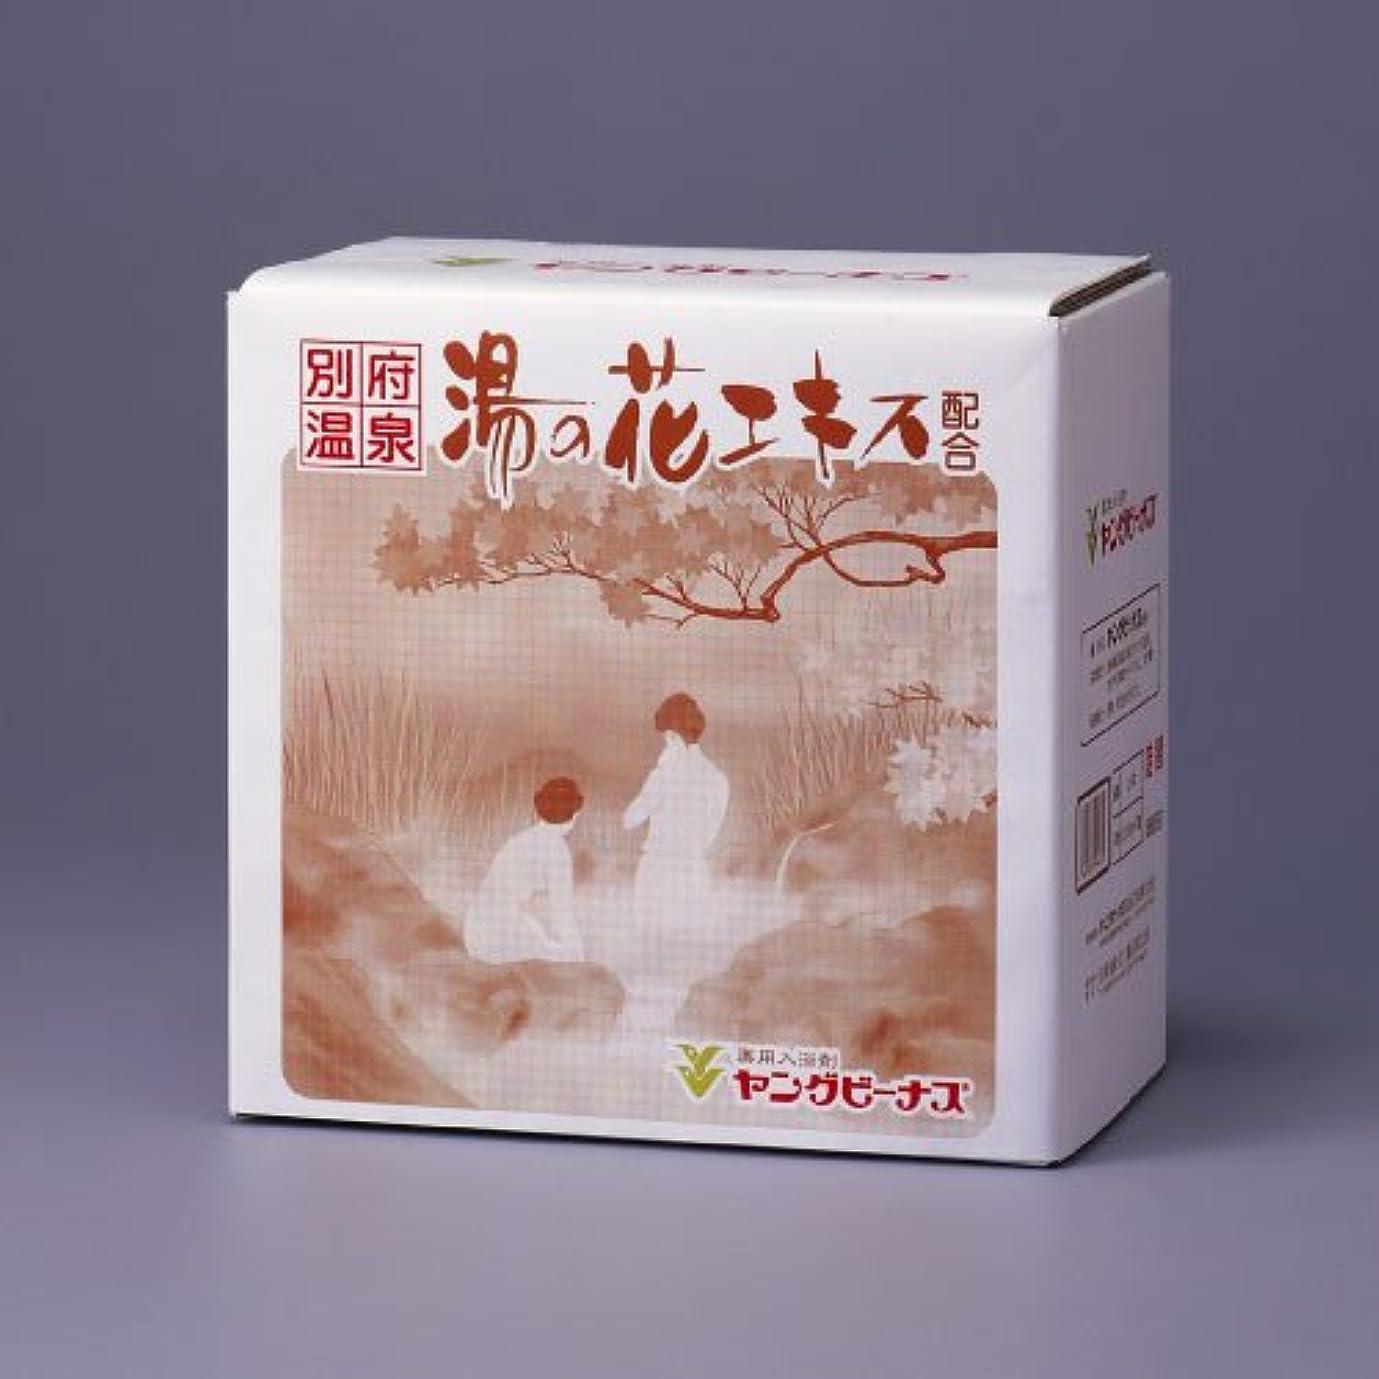 購入例工夫する薬用入浴剤ヤングビーナスSv C-60【5.6kg】(詰替2.8kg2袋) [医薬部外品]